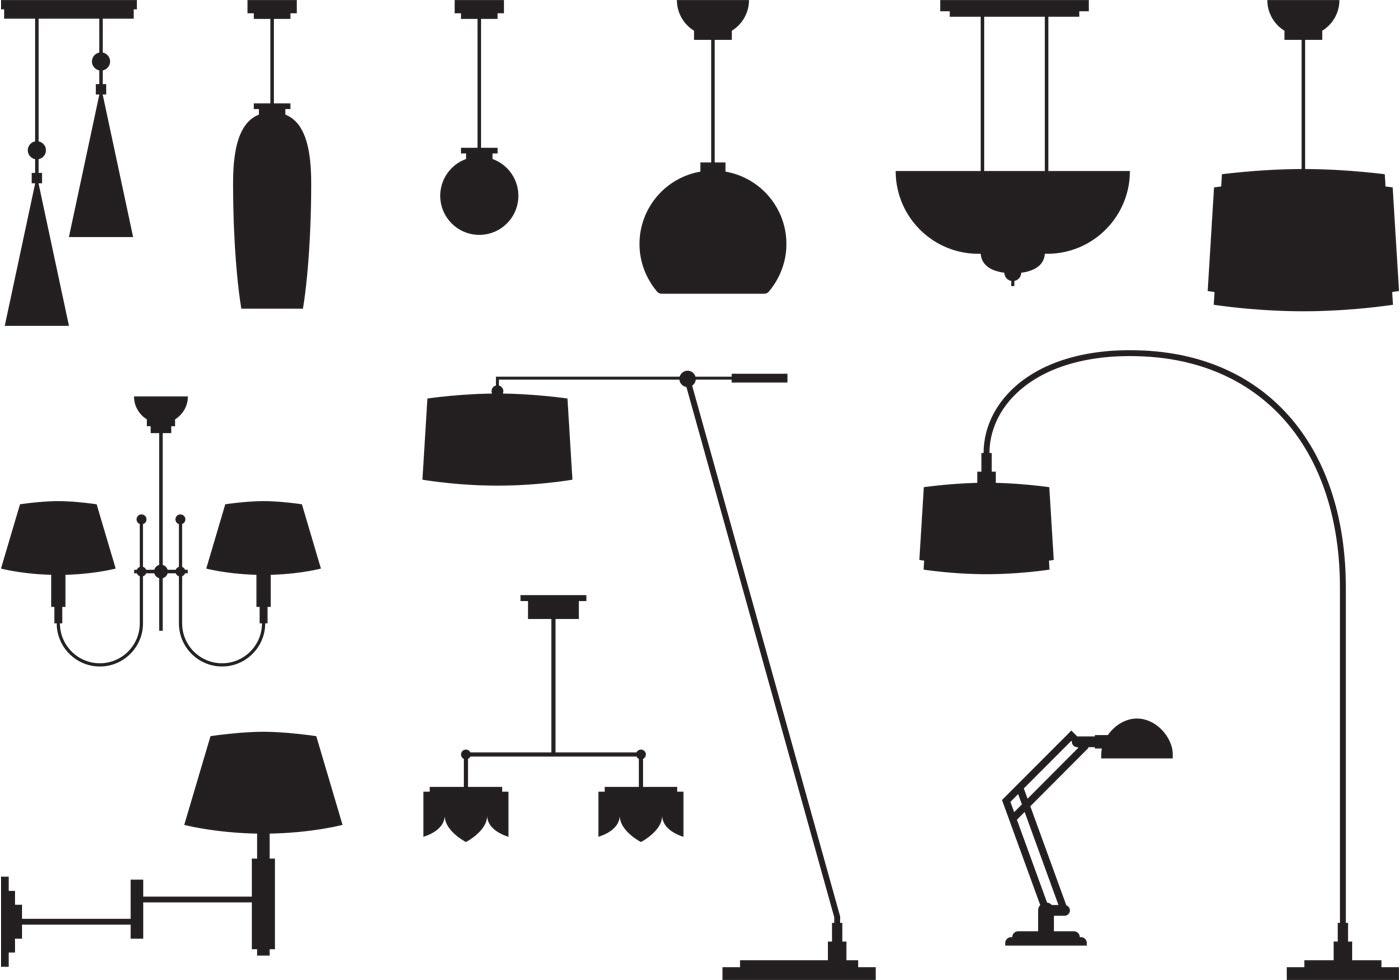 Modern Chandeliers - Download Free Vector Art, Stock ...